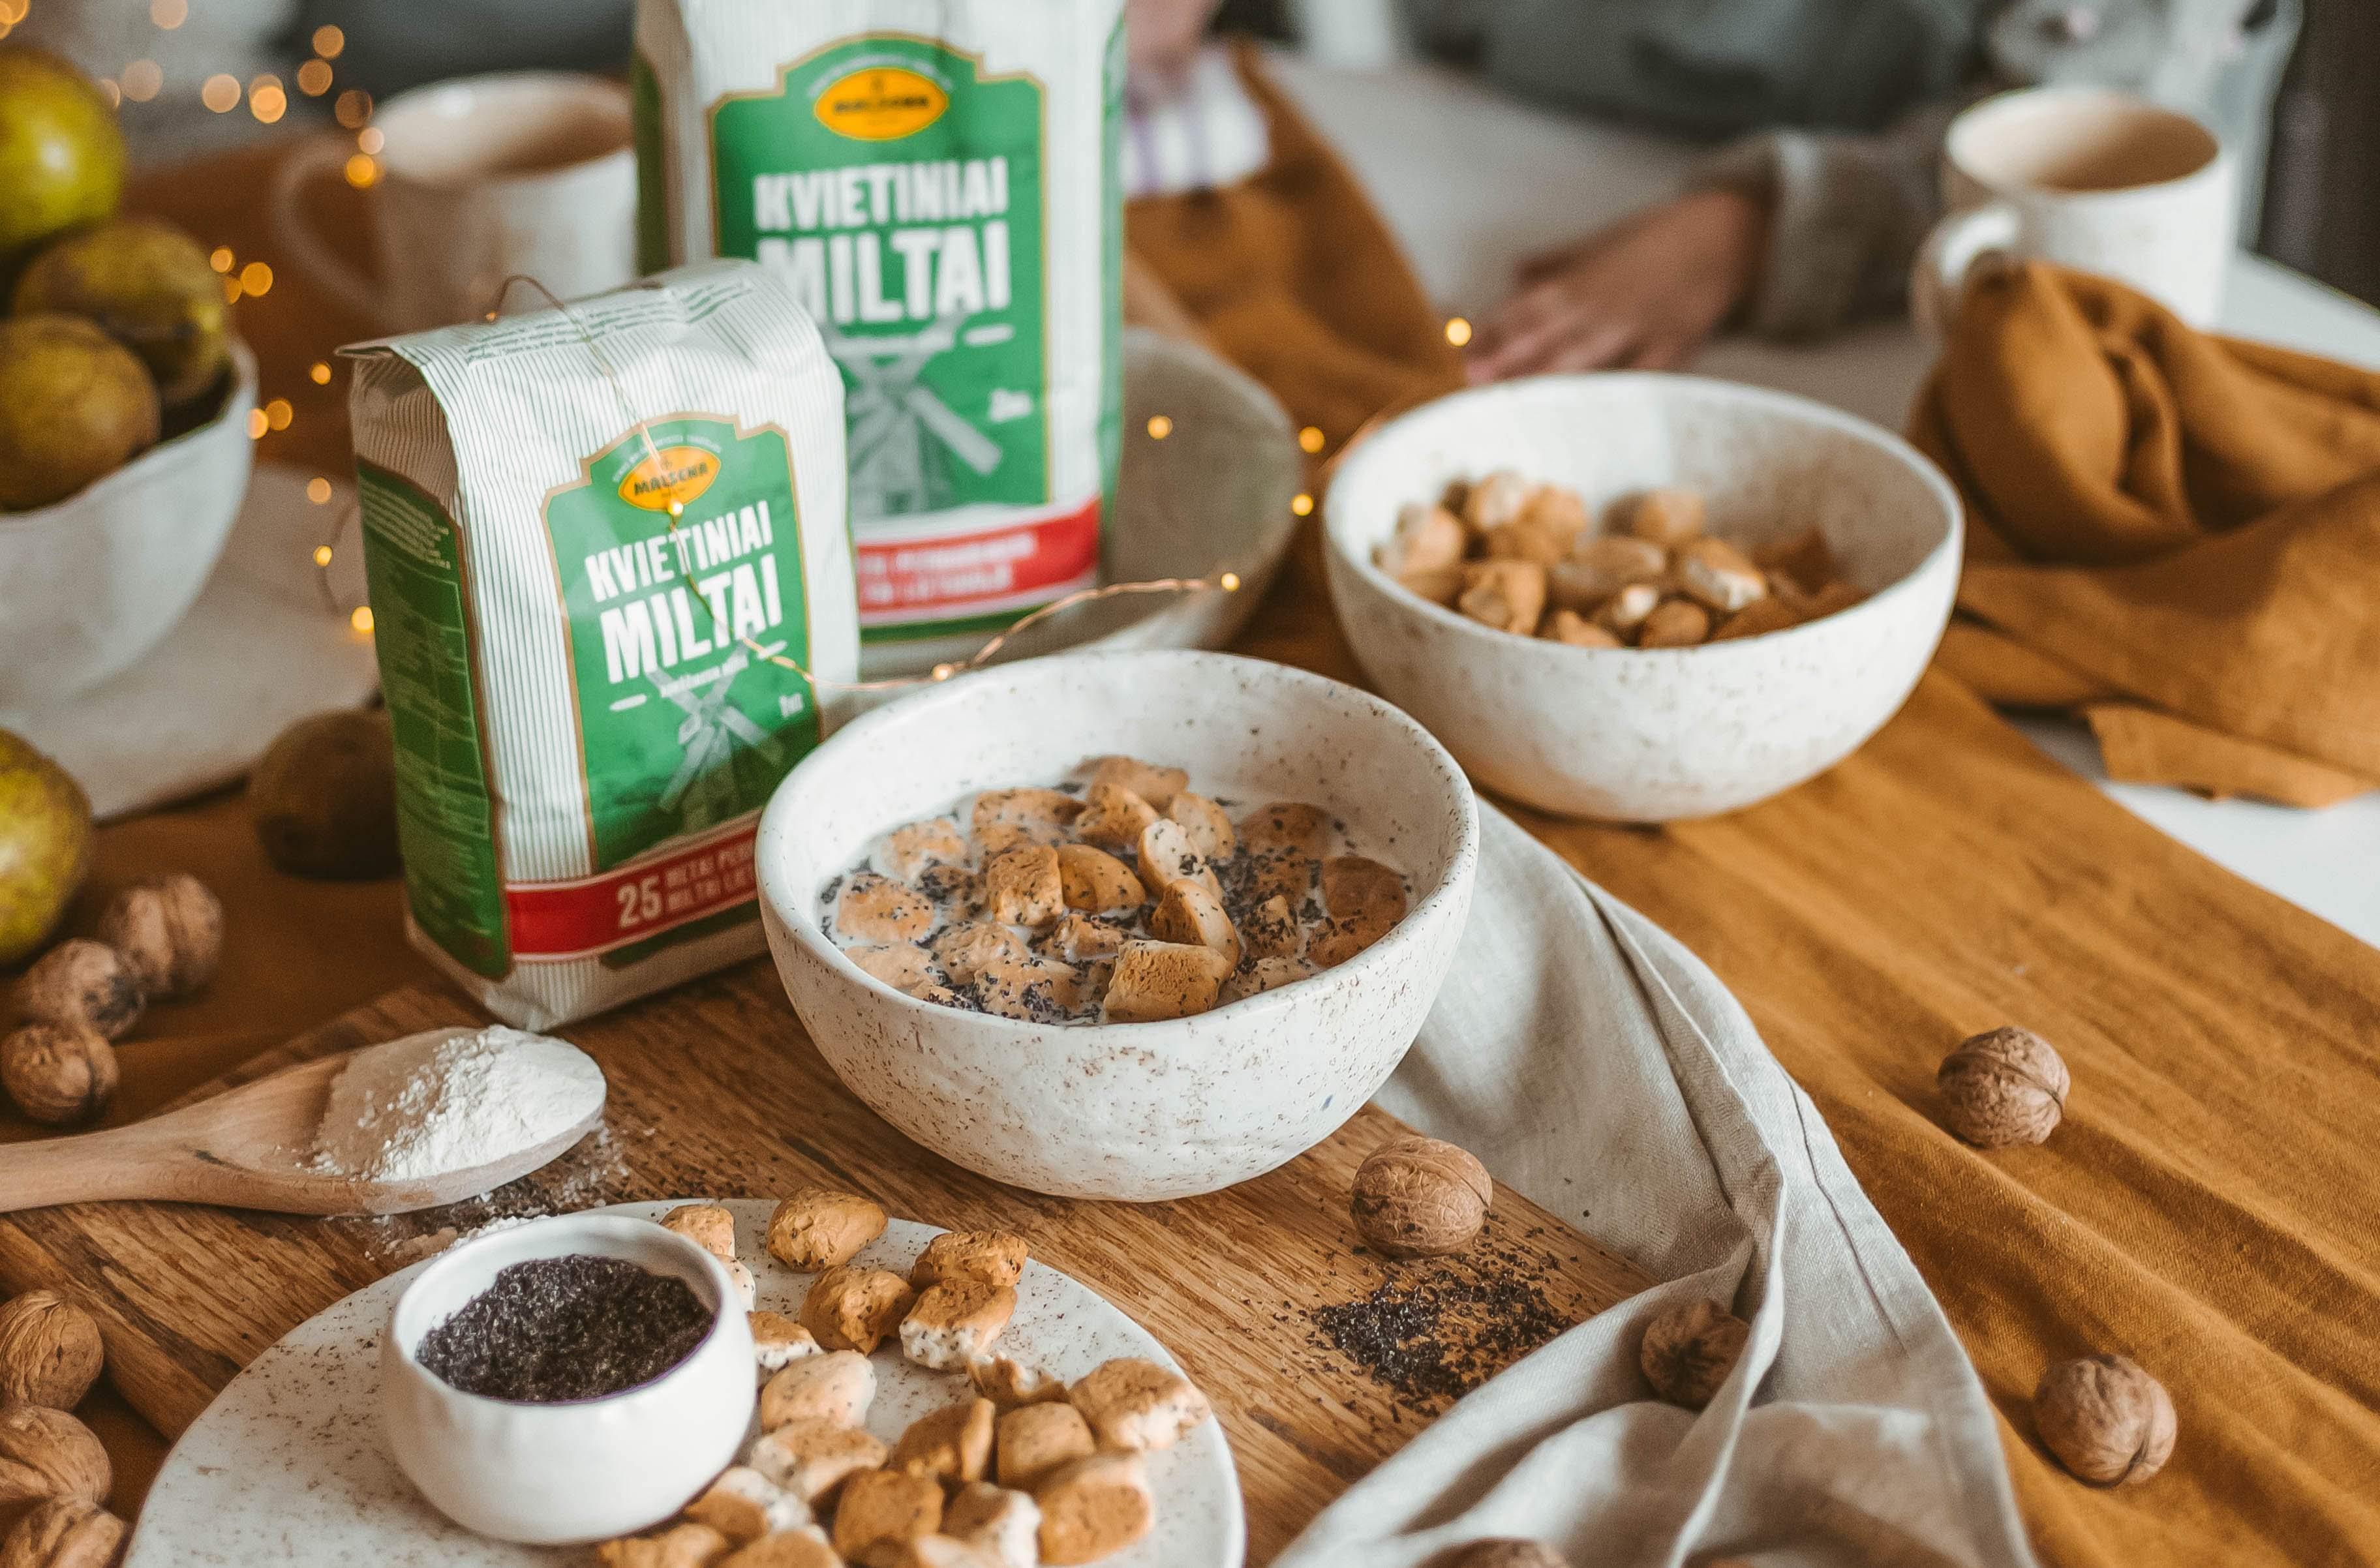 Duonos kepimas namuose sugrįžta: išsamus gidas, kaip išsikepti iš vos 3 ingredientų - DELFI Maistas